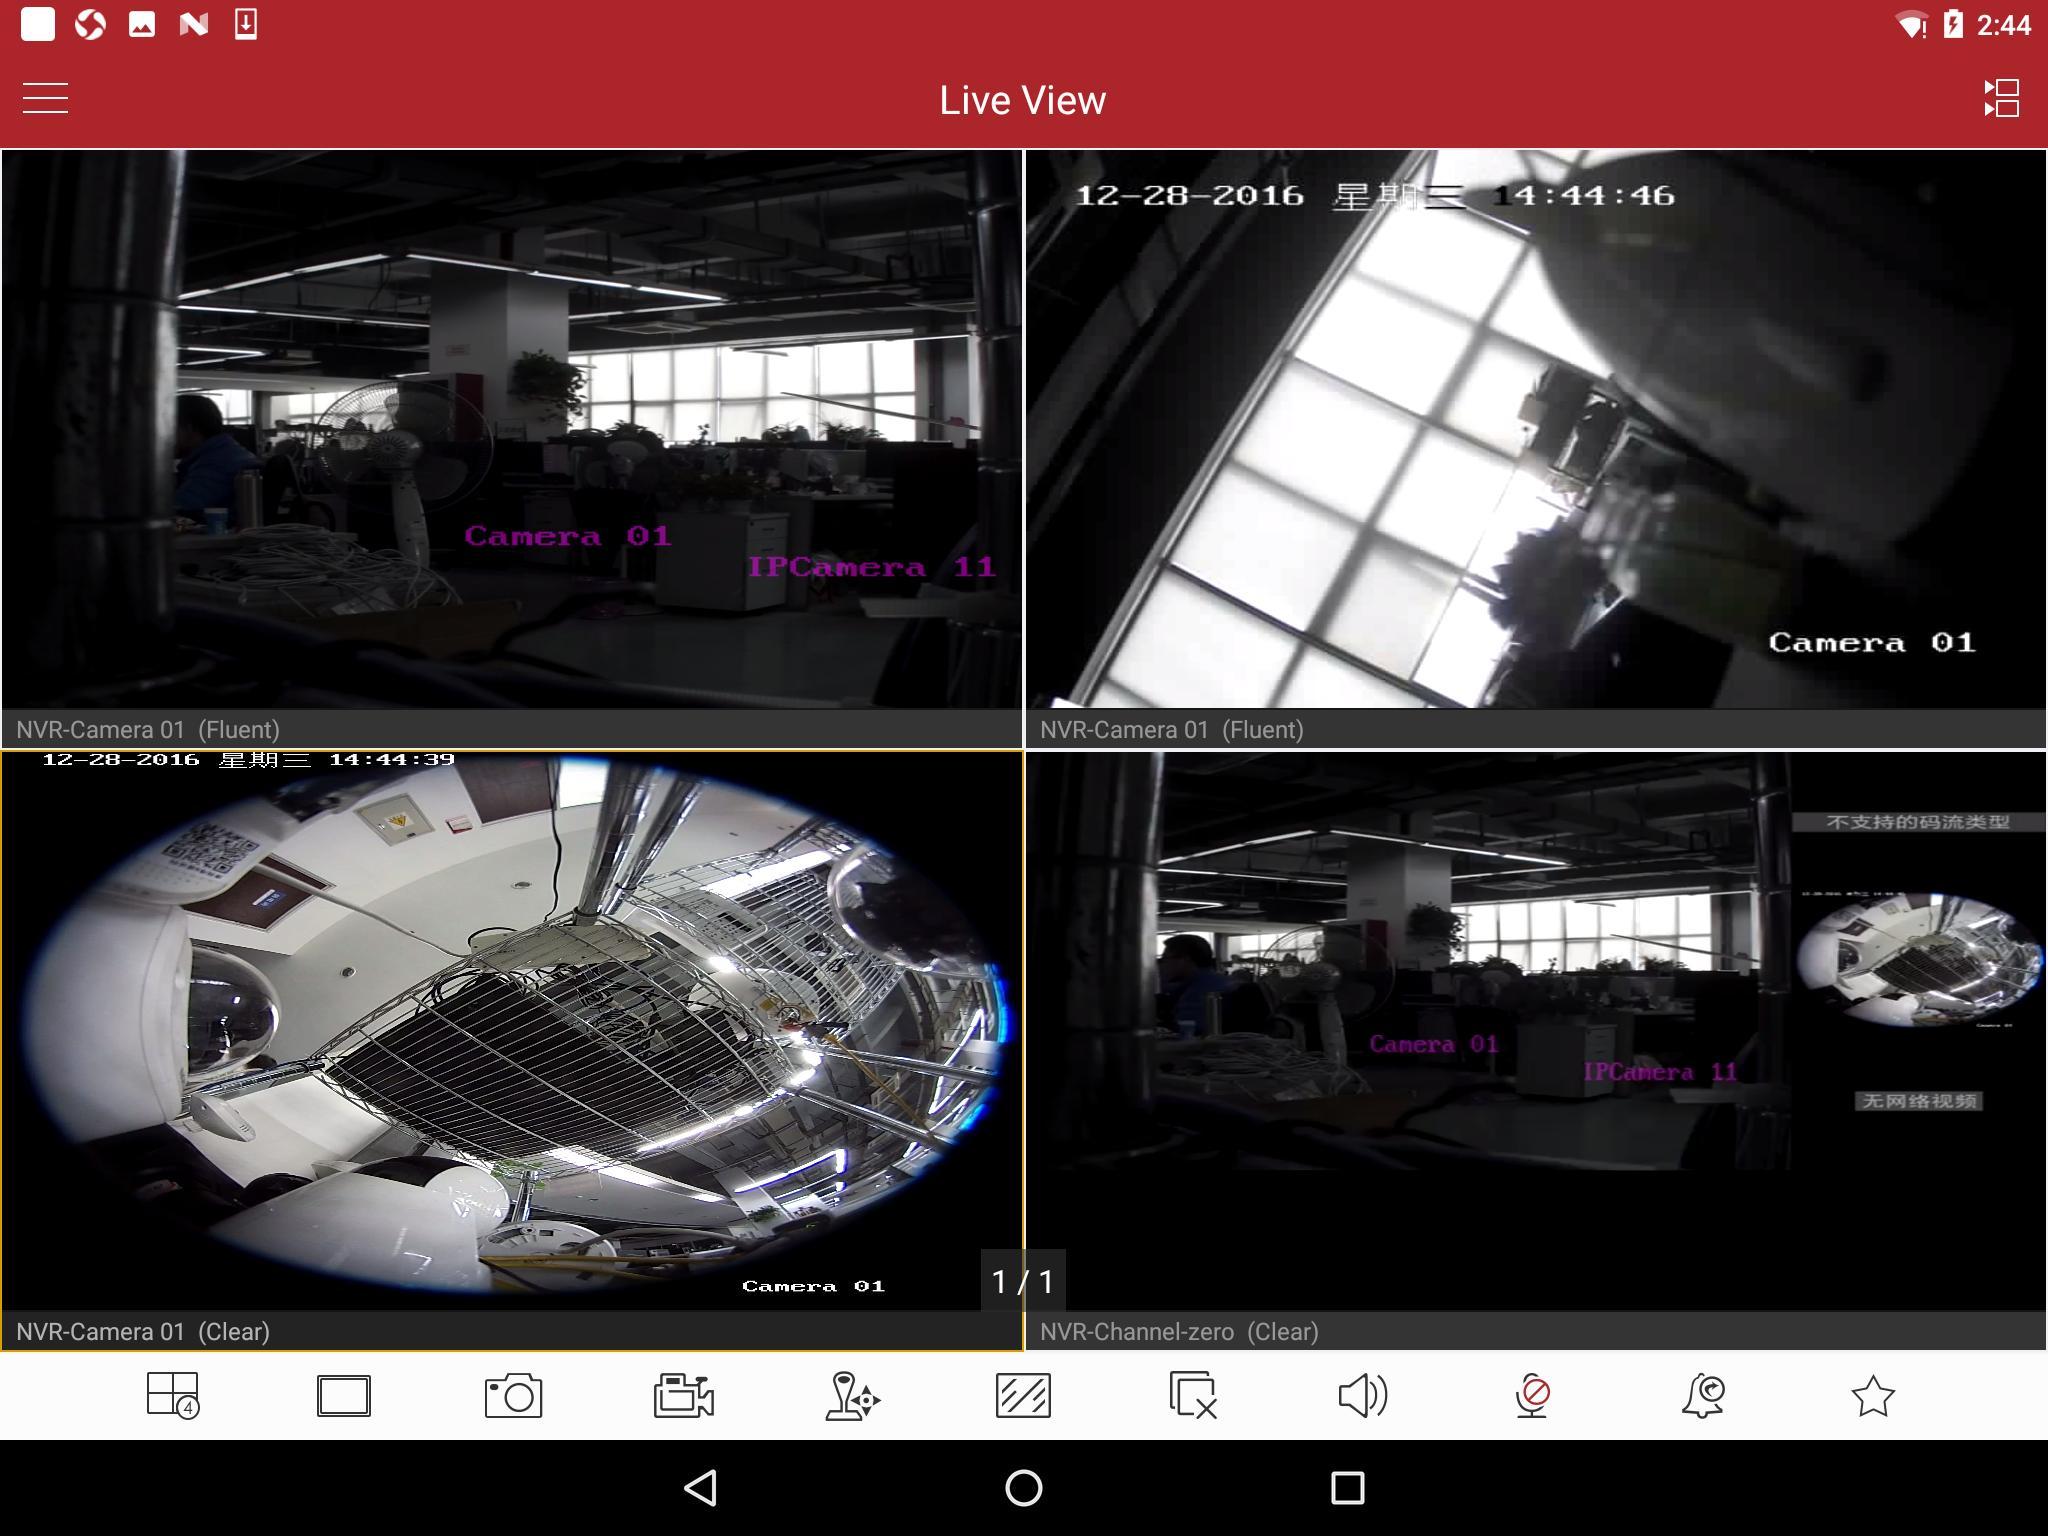 iVMS 4500 HD تحميل تطبيقات كاميرات هيك فيجن للموبايل apk